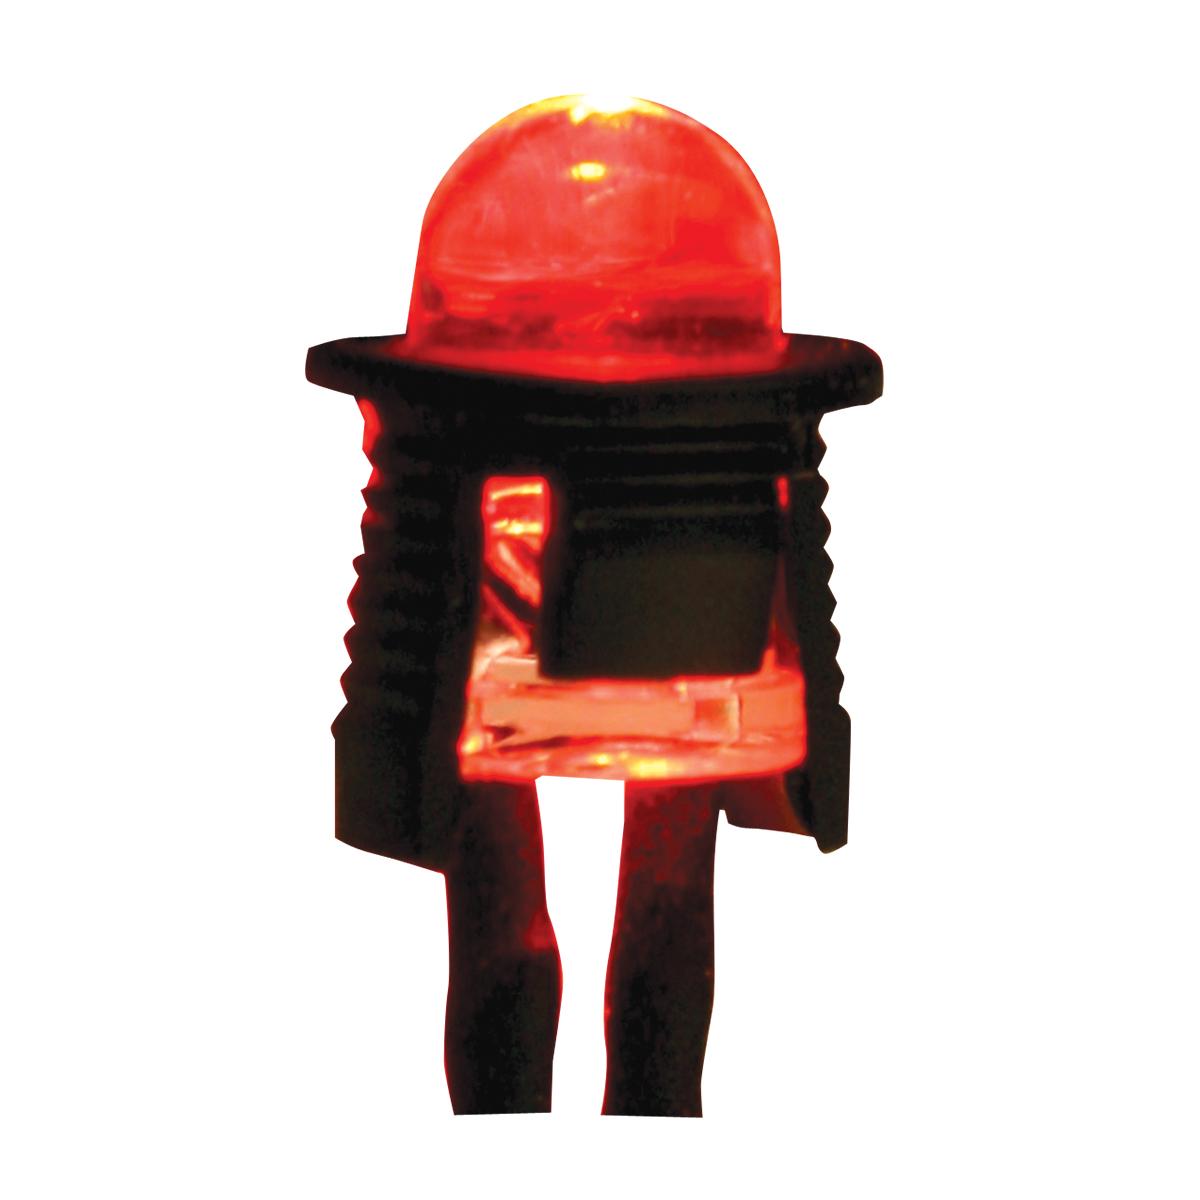 81255 Red Interior Single LED Snake Light